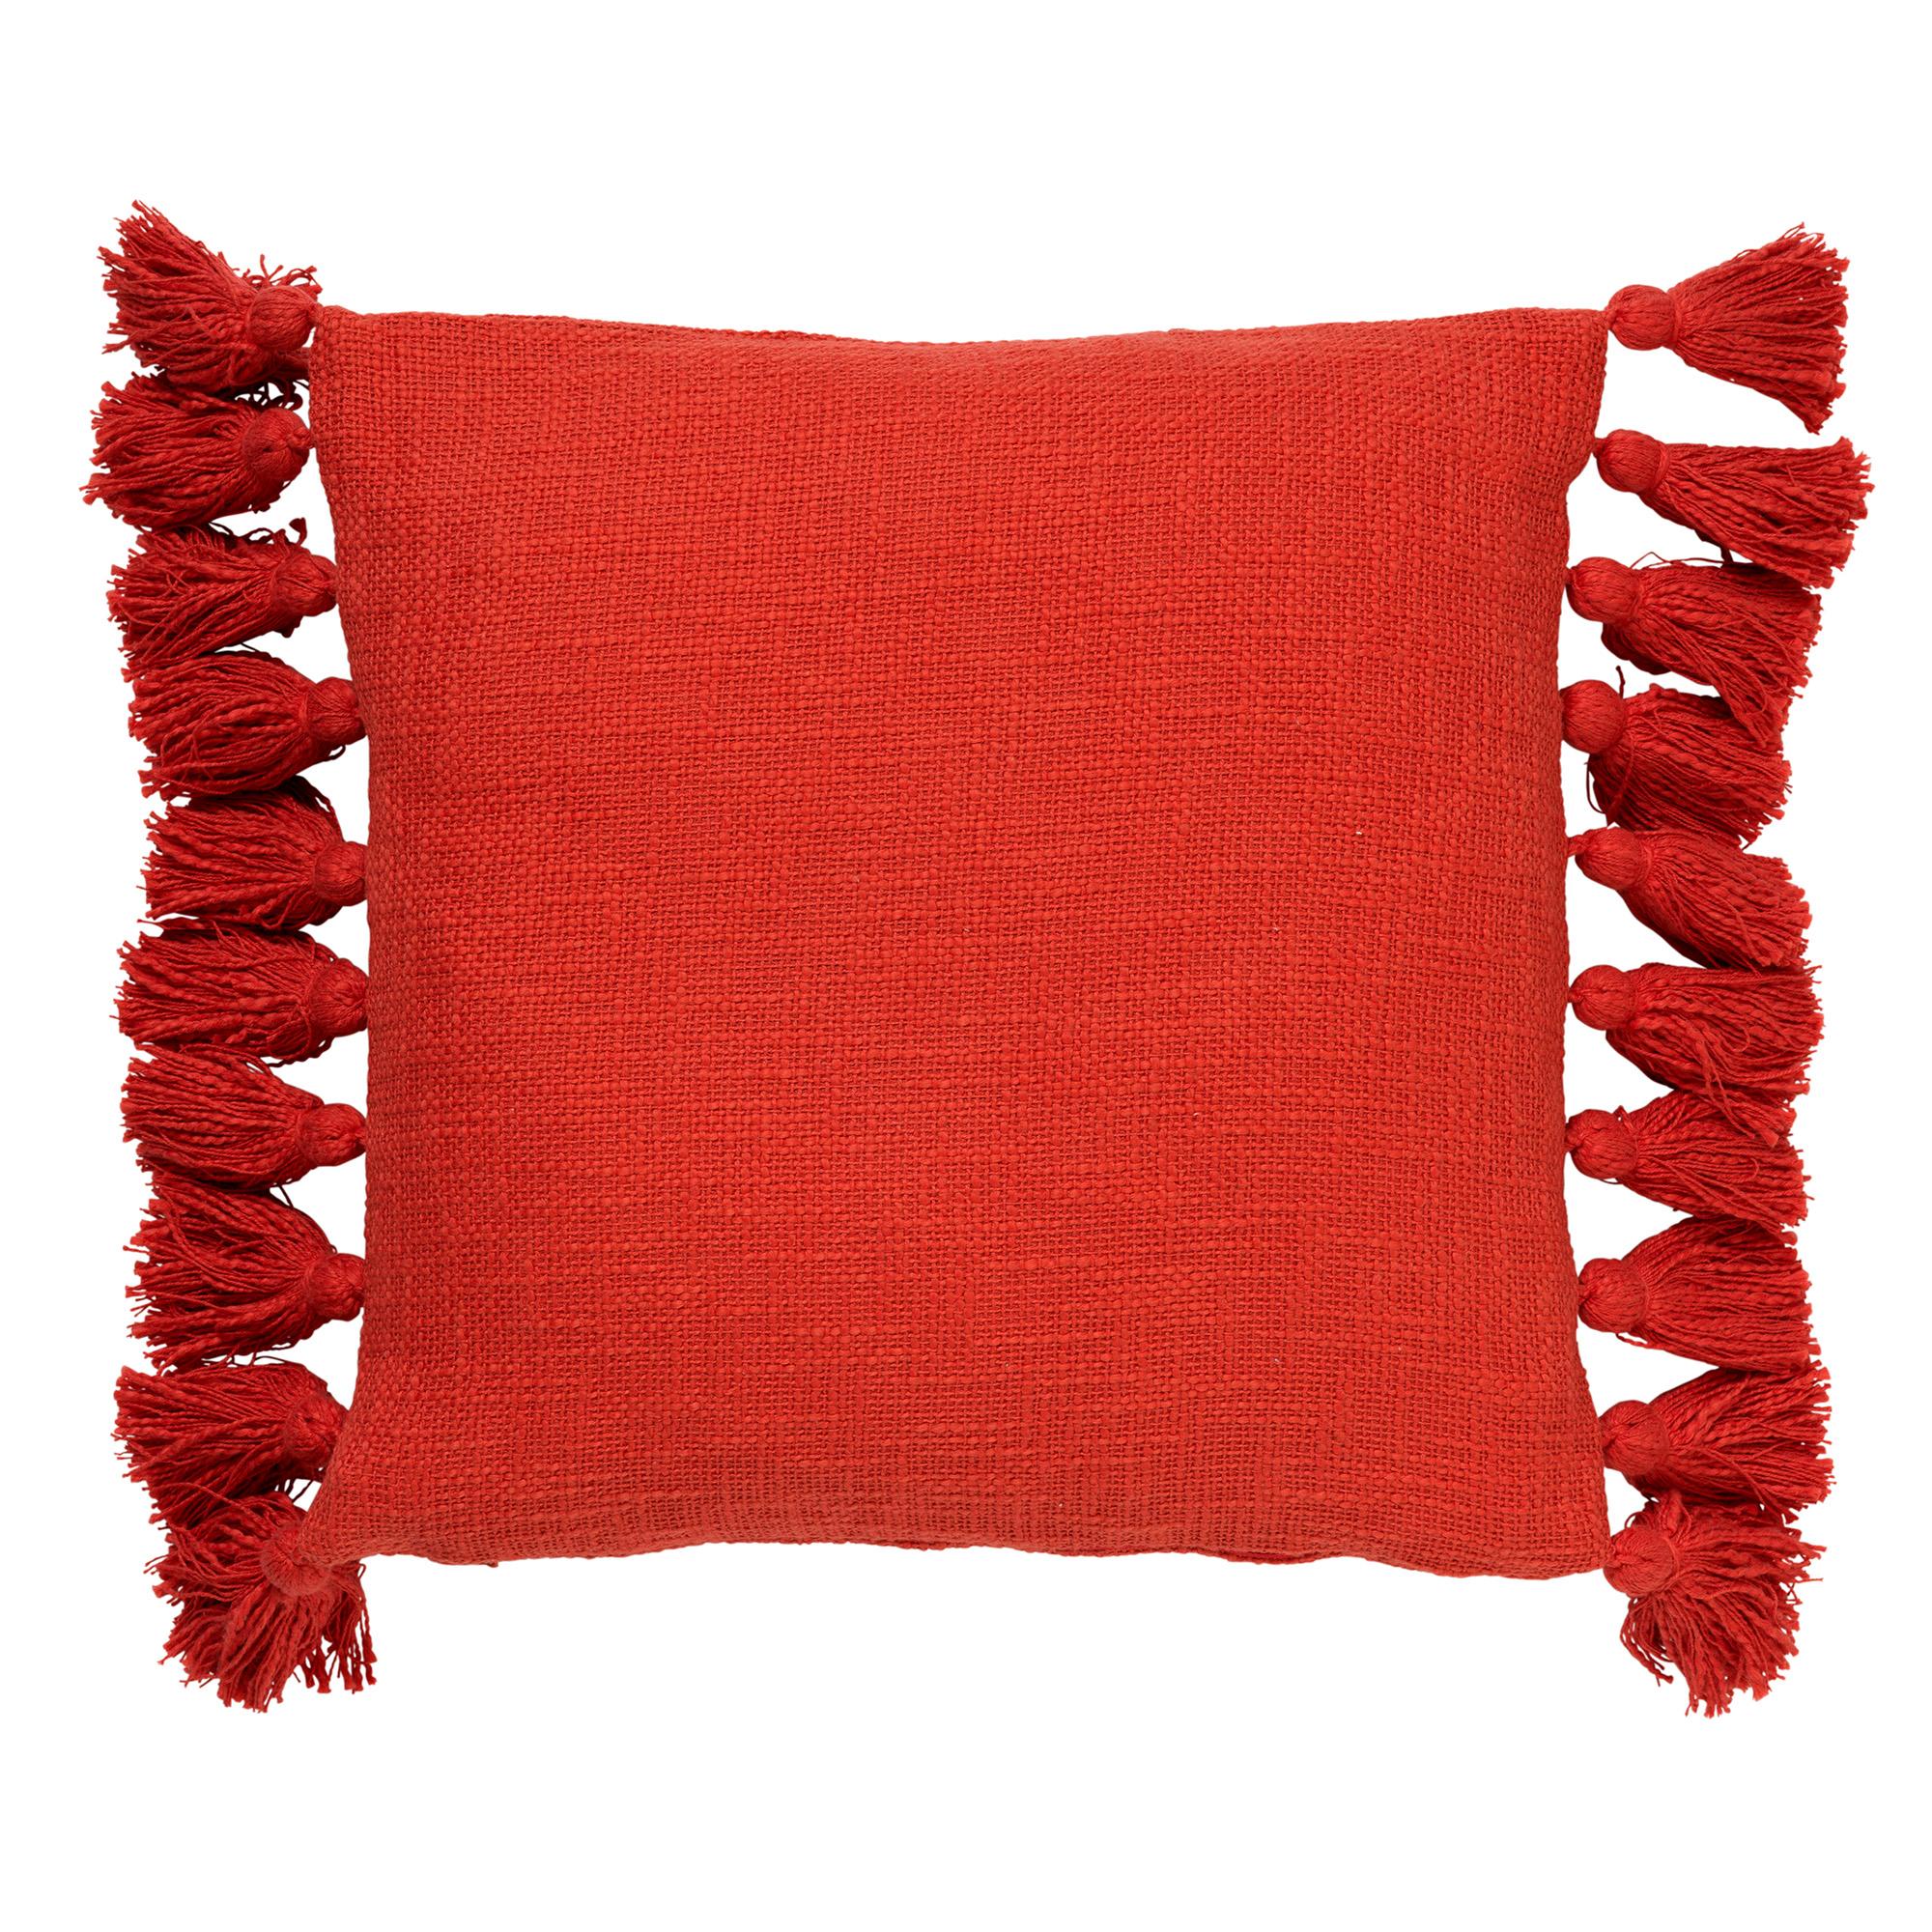 RUBY - Sierkussen van katoen Aurora Red 45x45 cm